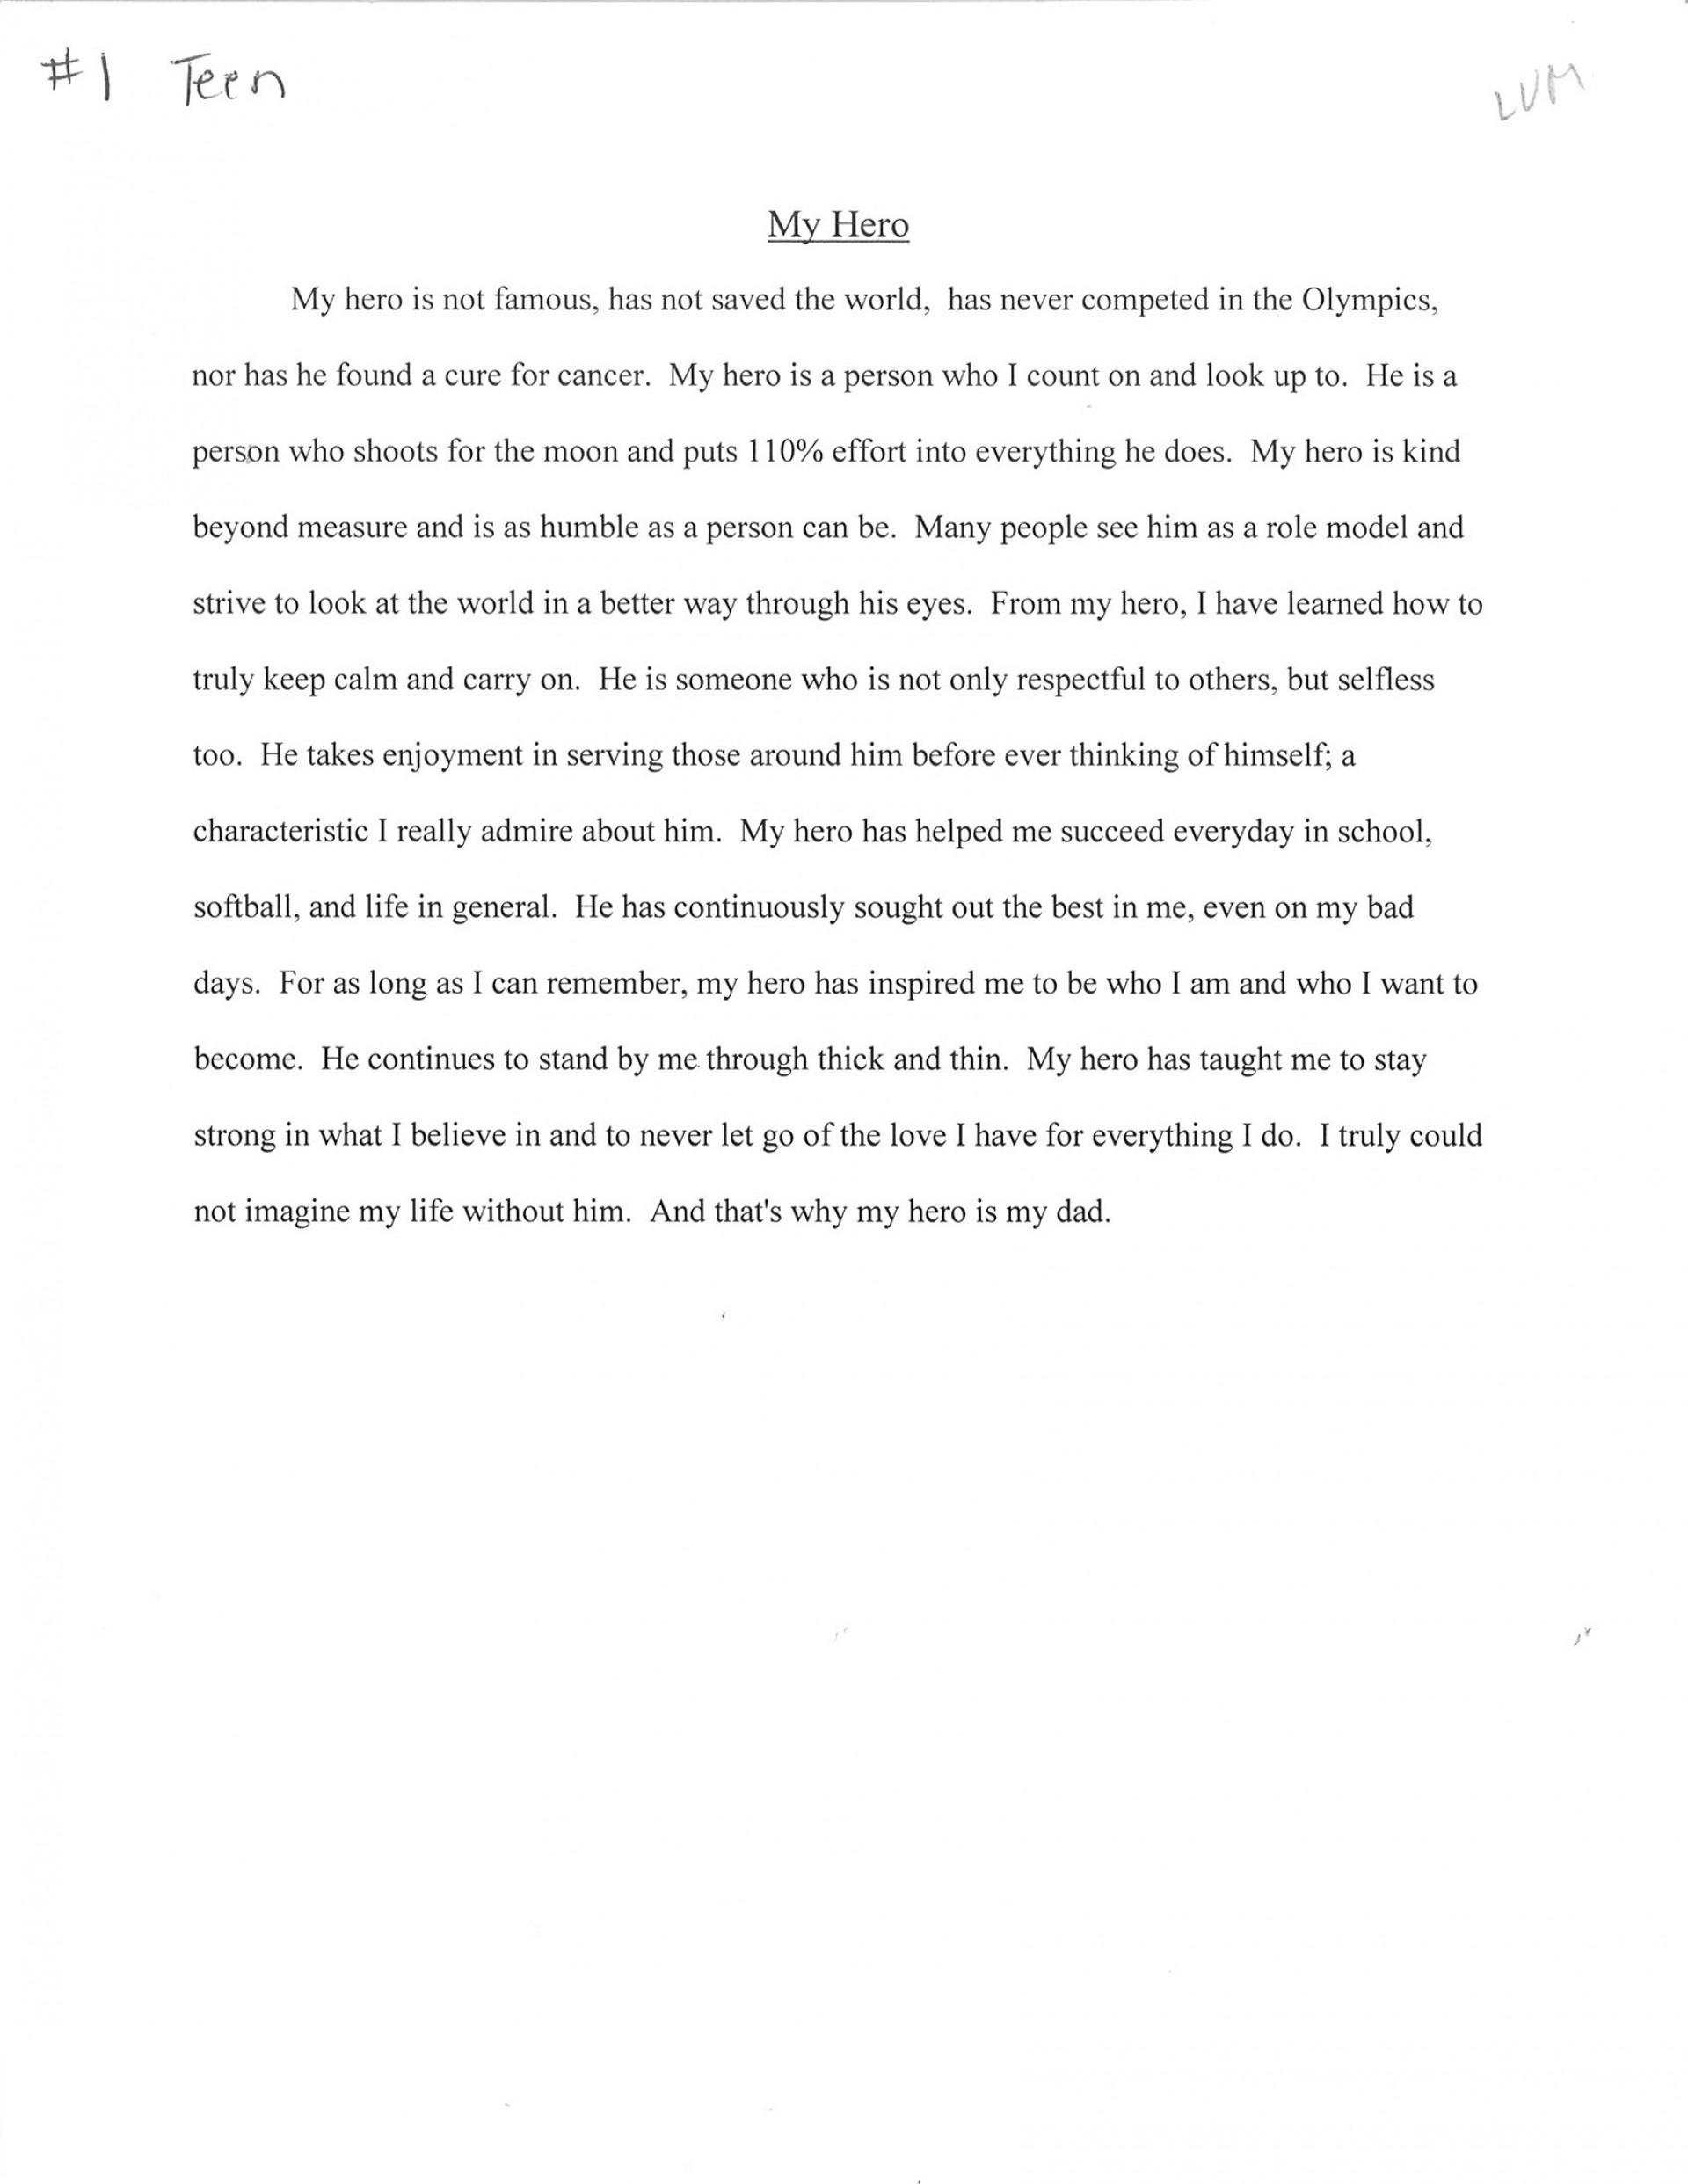 ydad essay example